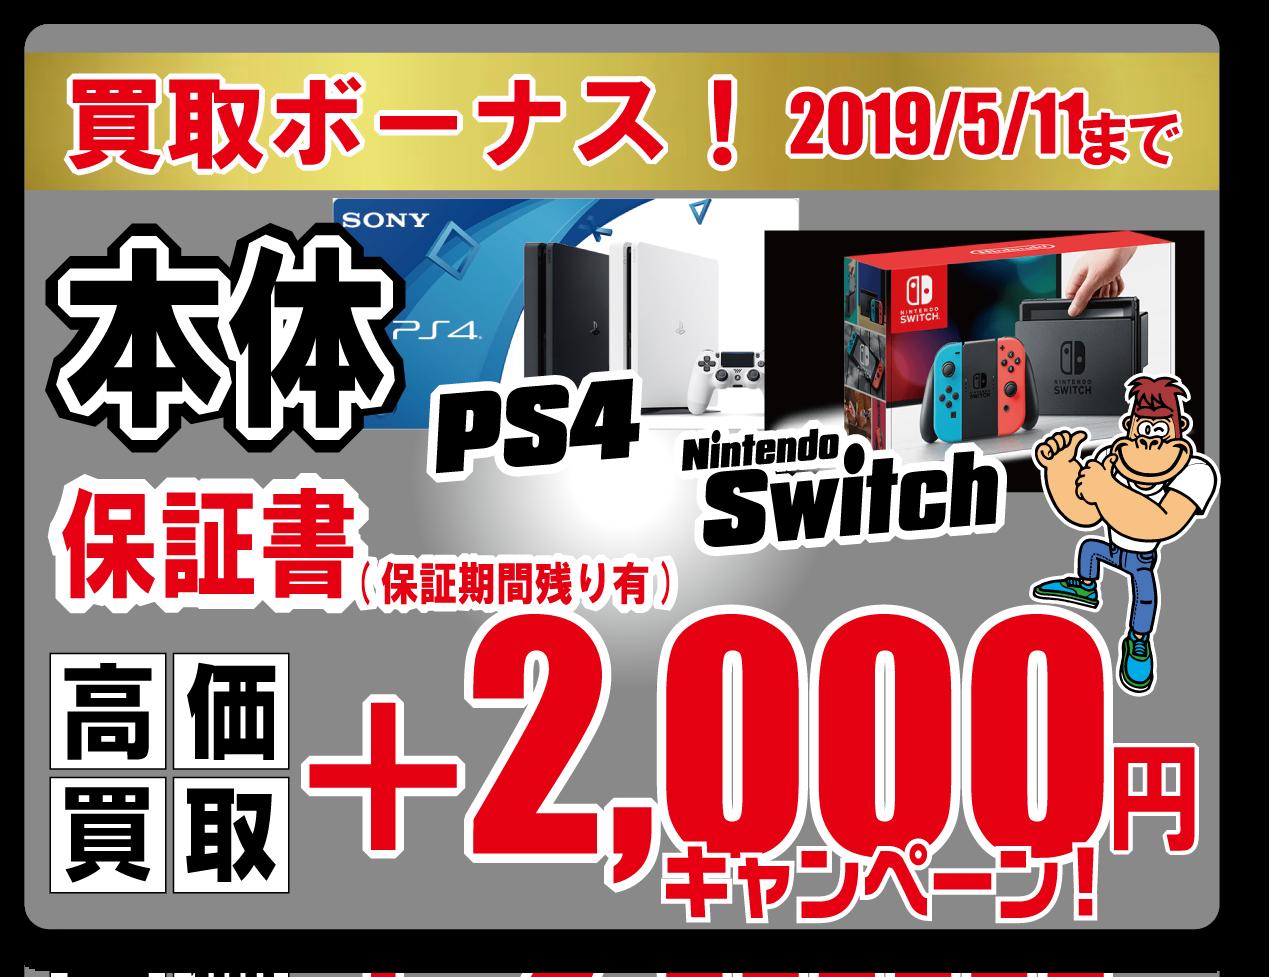 店頭買取限定【PS4&Switch本体 買取2000円プラス!】2019/5/11まで!